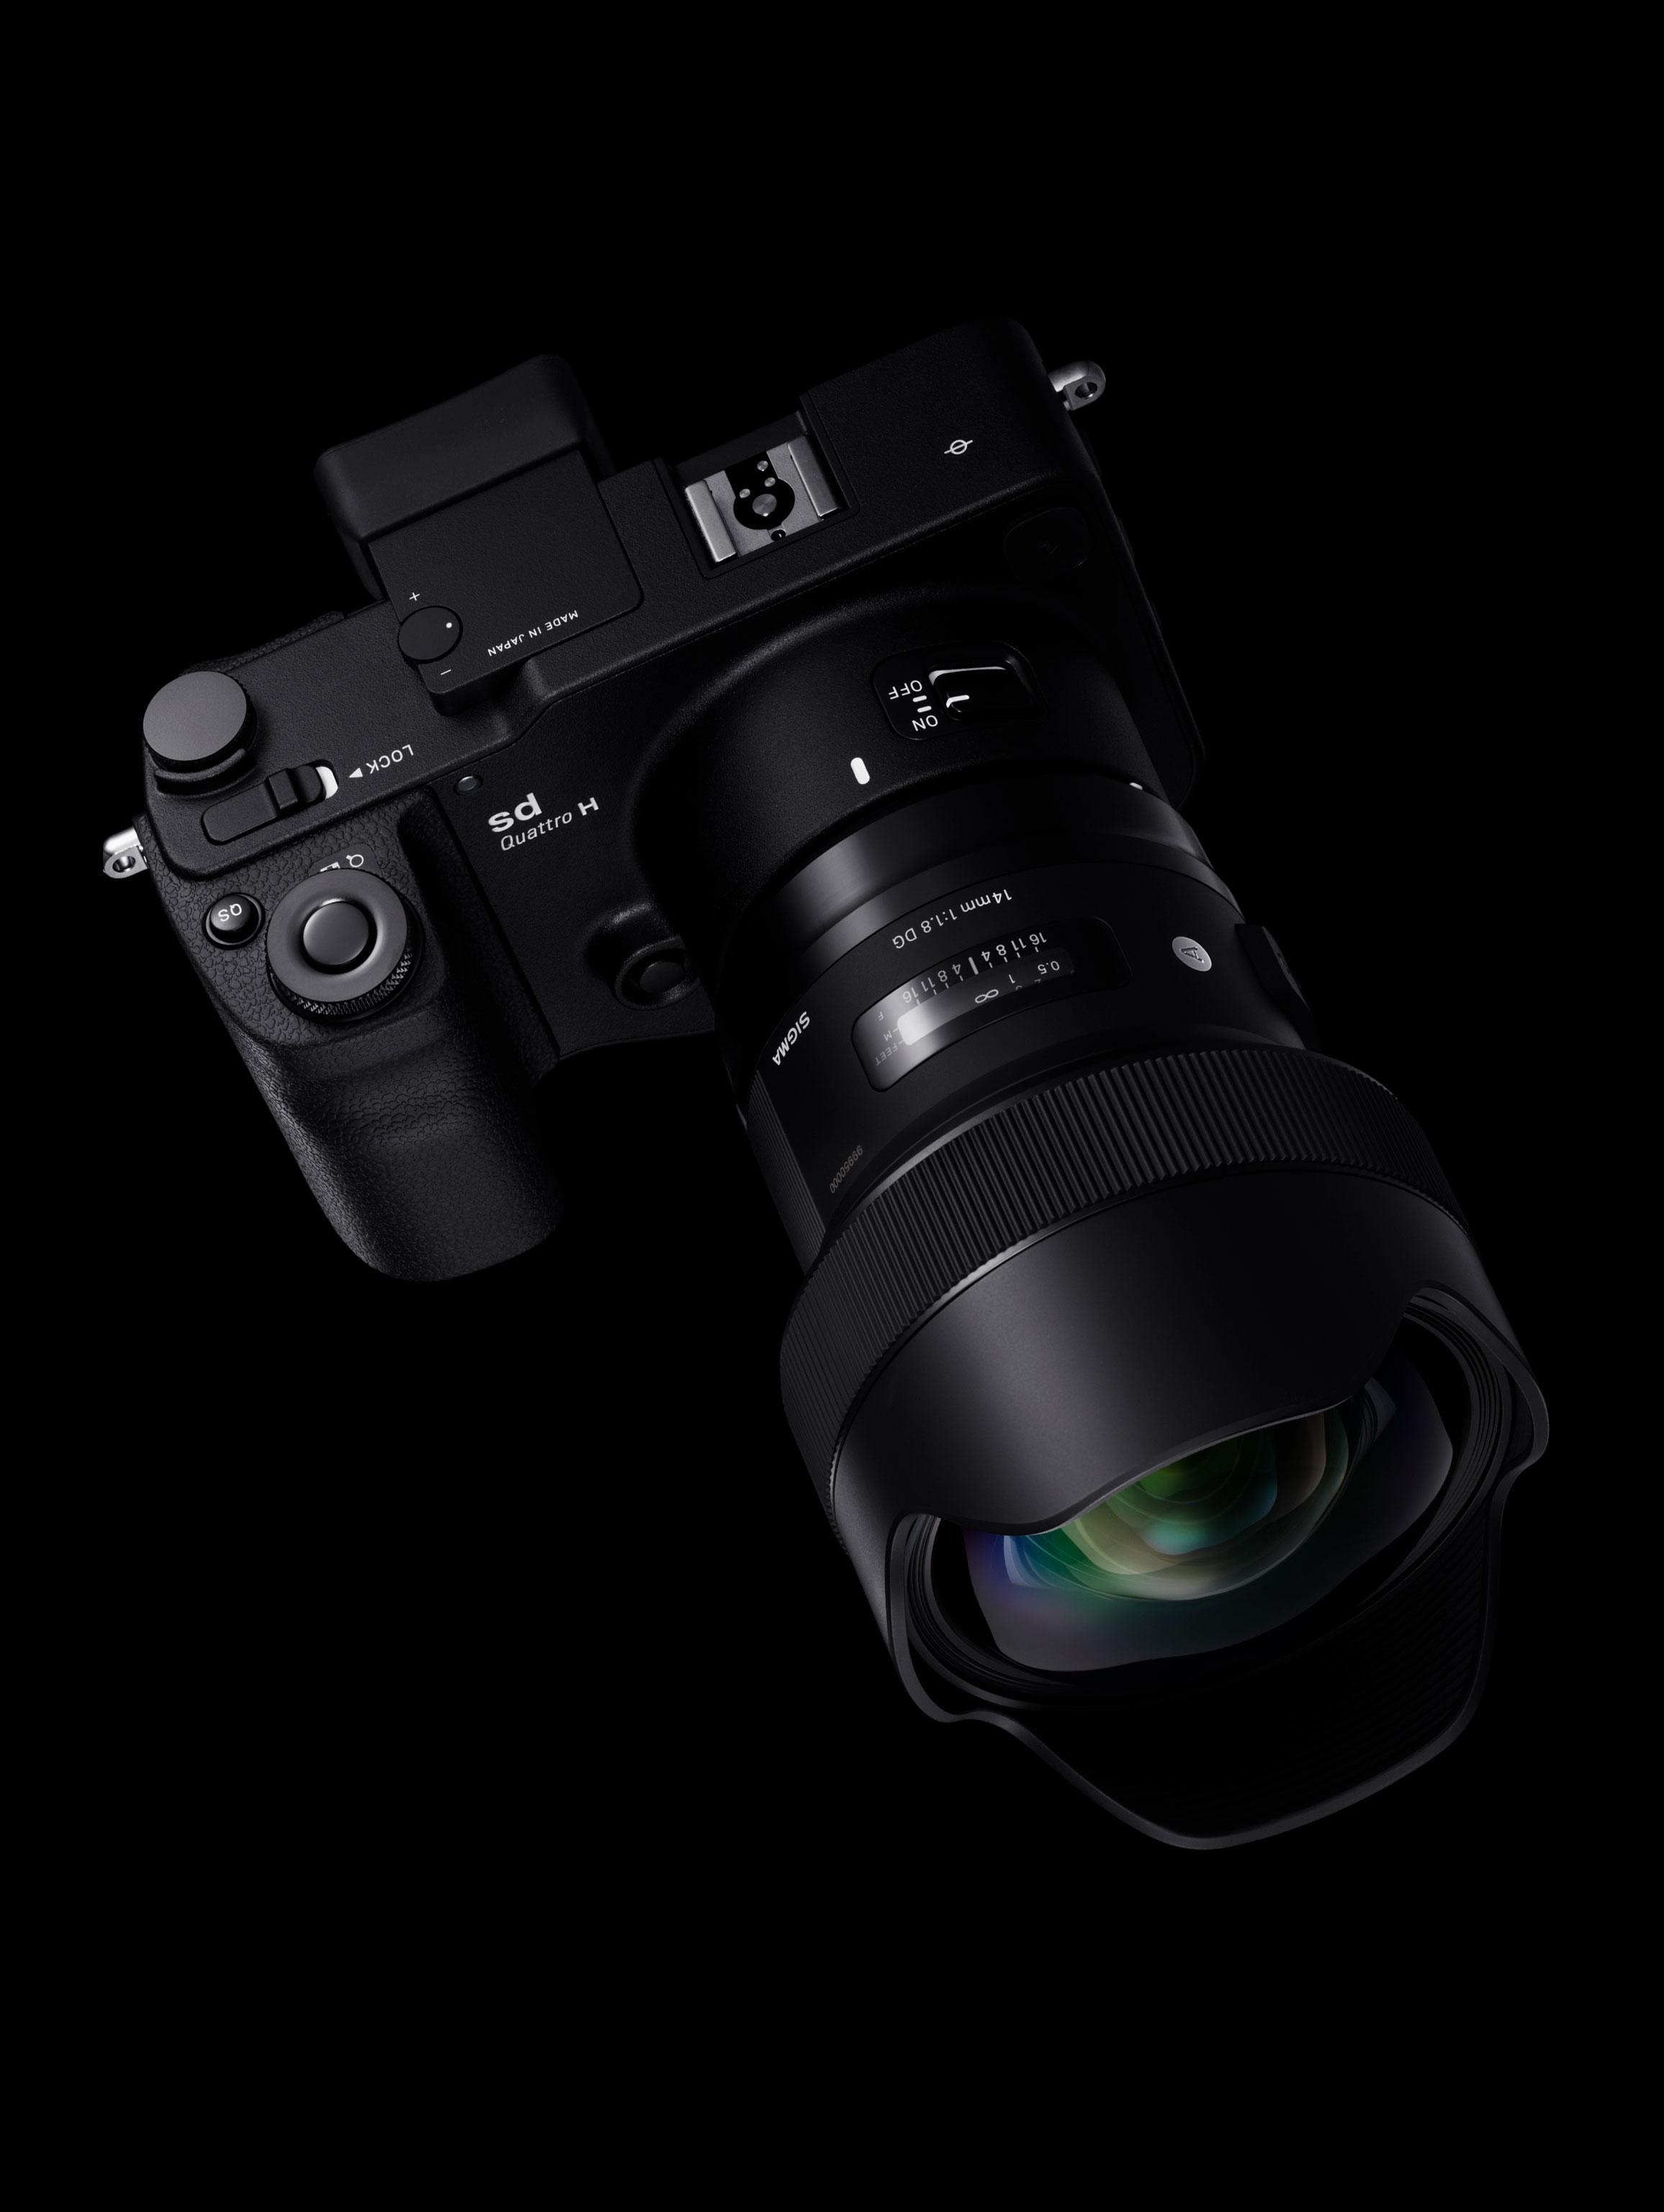 시그마 DSLR용 신 렌즈 4종 발표